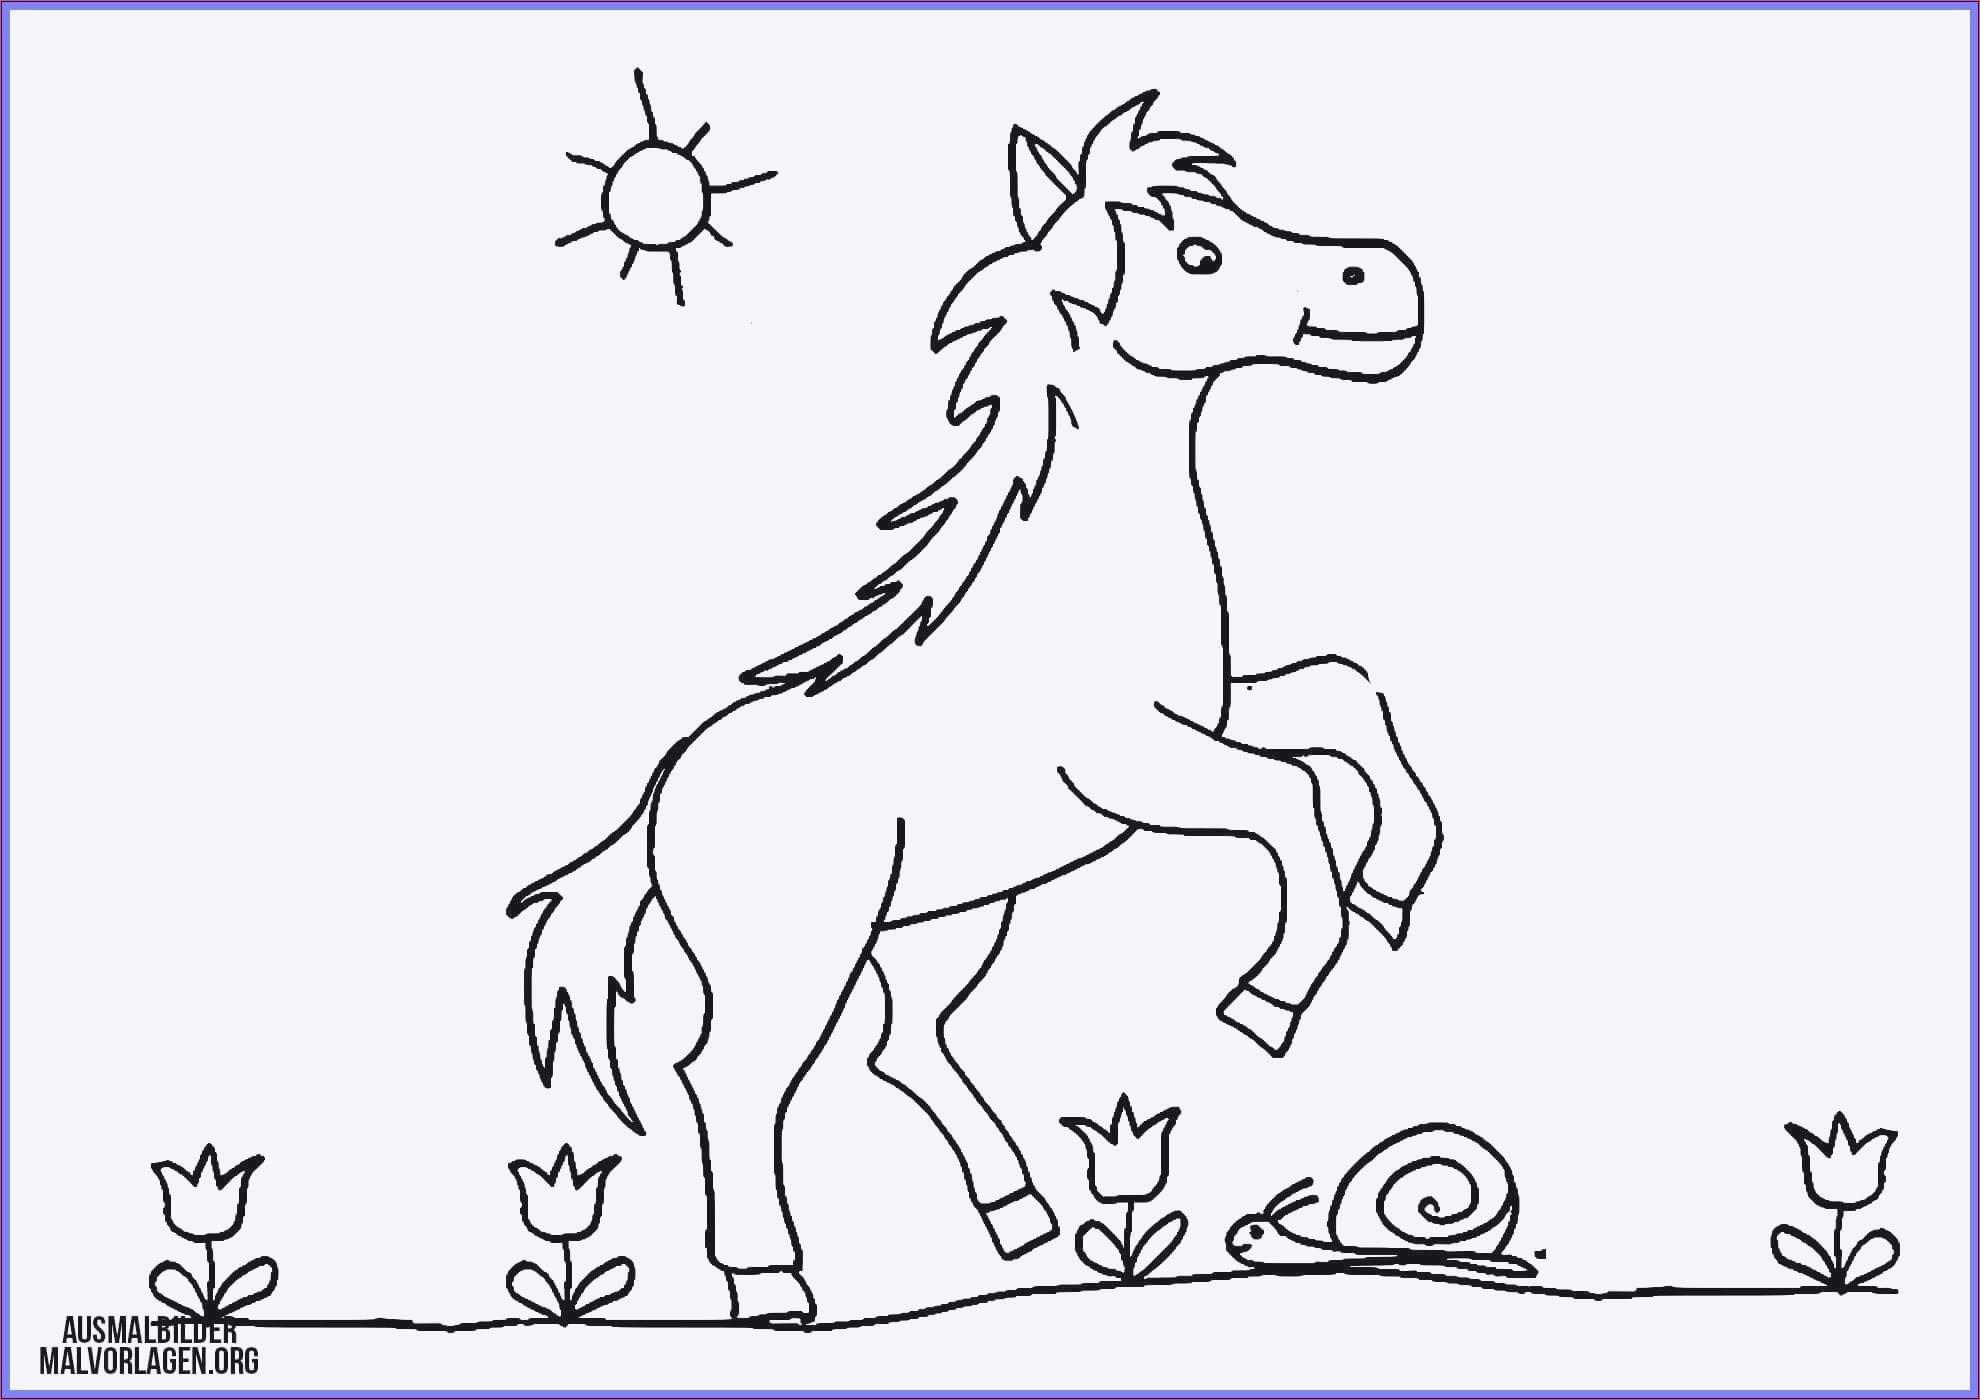 Ausmalbilder Pferde Turnier Inspirierend 48 Best Kostenlose Ausmalbilder Pferde Malvorlagen Sammlungen Bilder